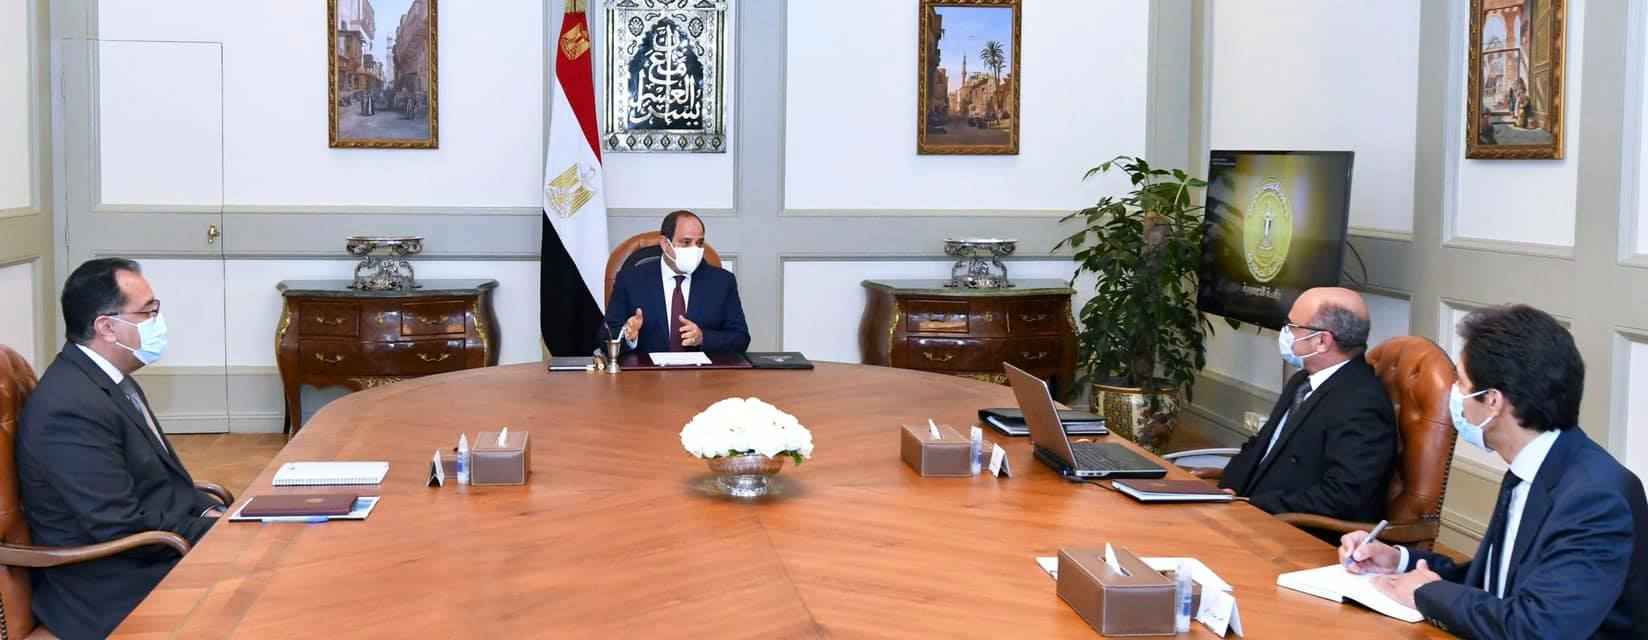 السيد الرئيس يوجه بتأجيل تطبيق القانون رقم ١٨٦ لسنة ٢٠٢٠ الخاص بتعديل قانون الشهر العقاري